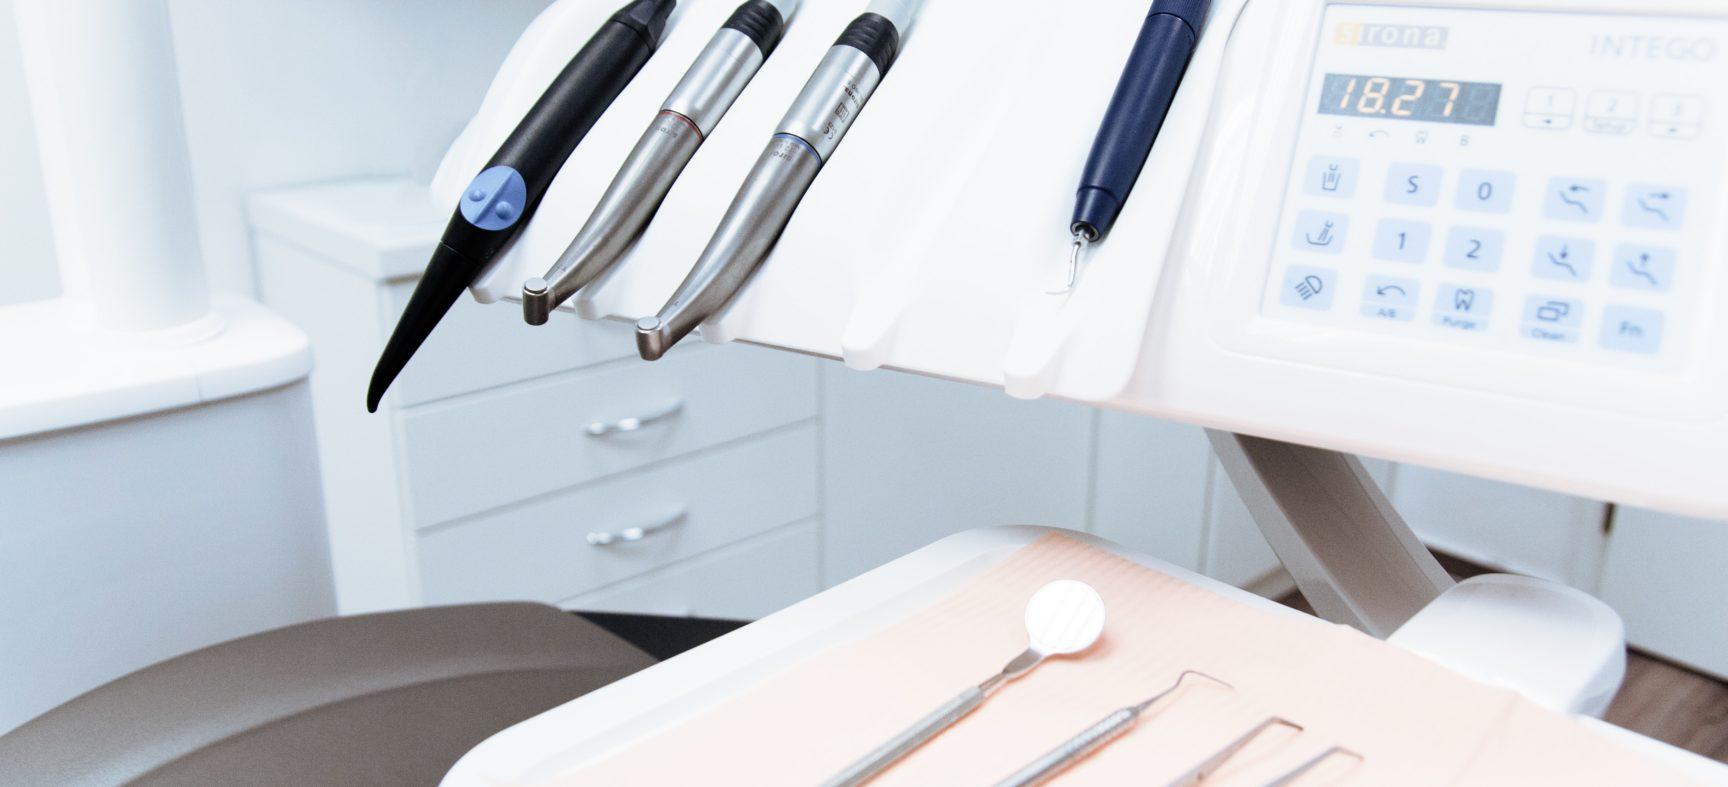 Лечение и пломбирование зубов в Киеве: технология и преимущества